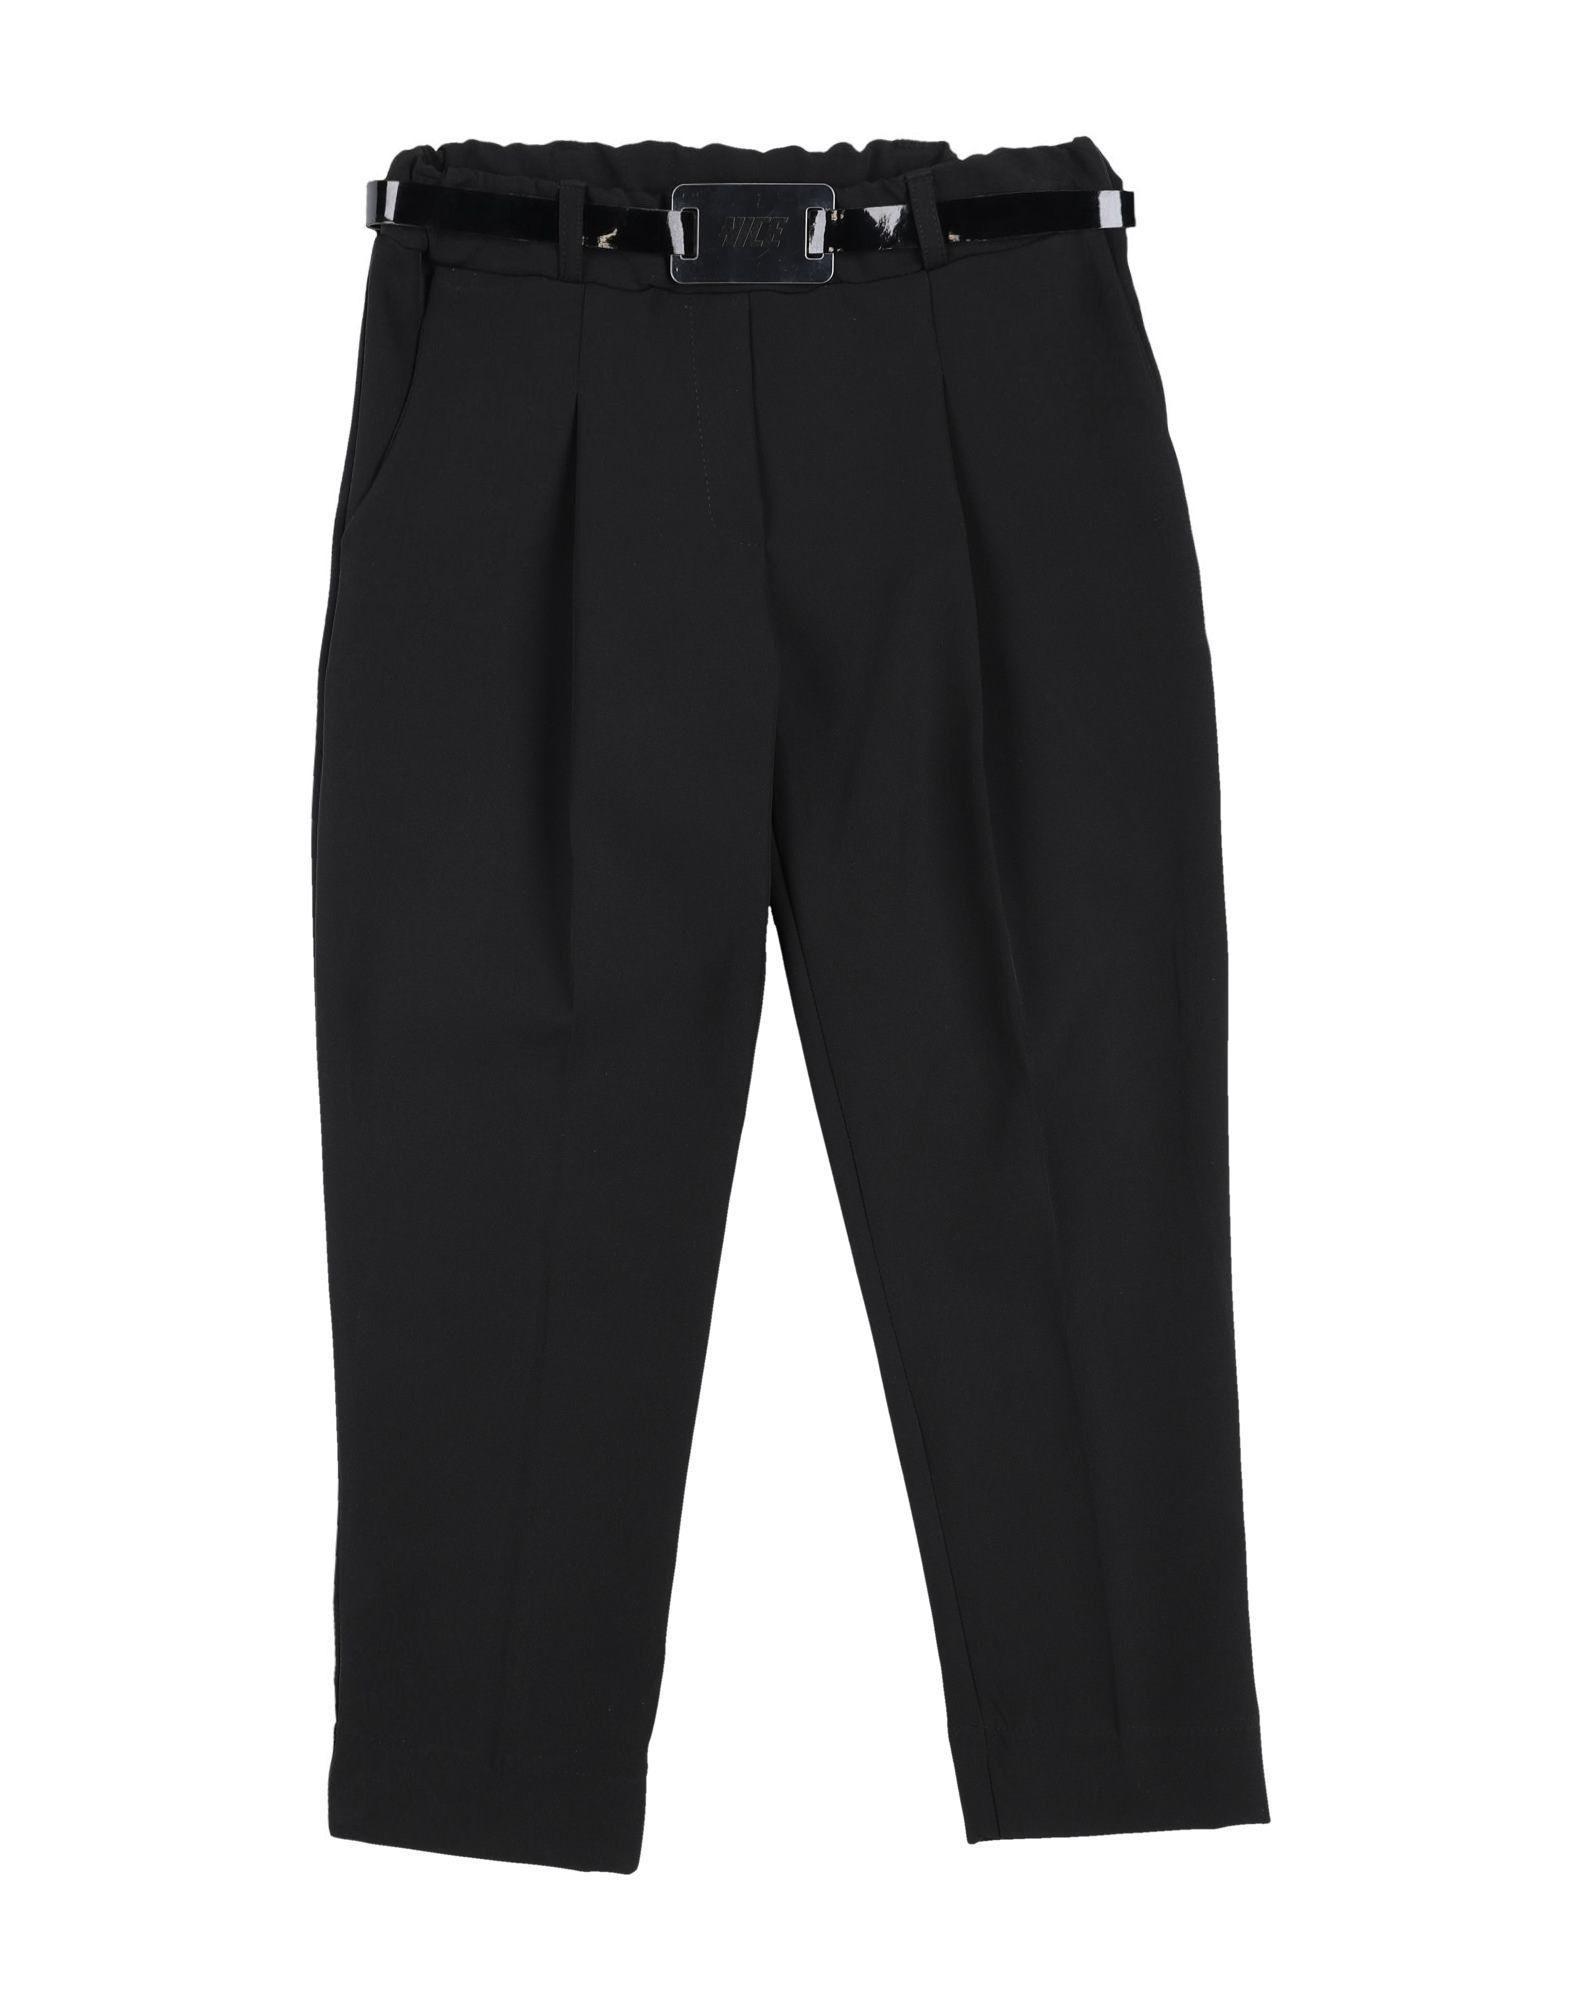 Nicebrand Kids' Casual Pants In Black